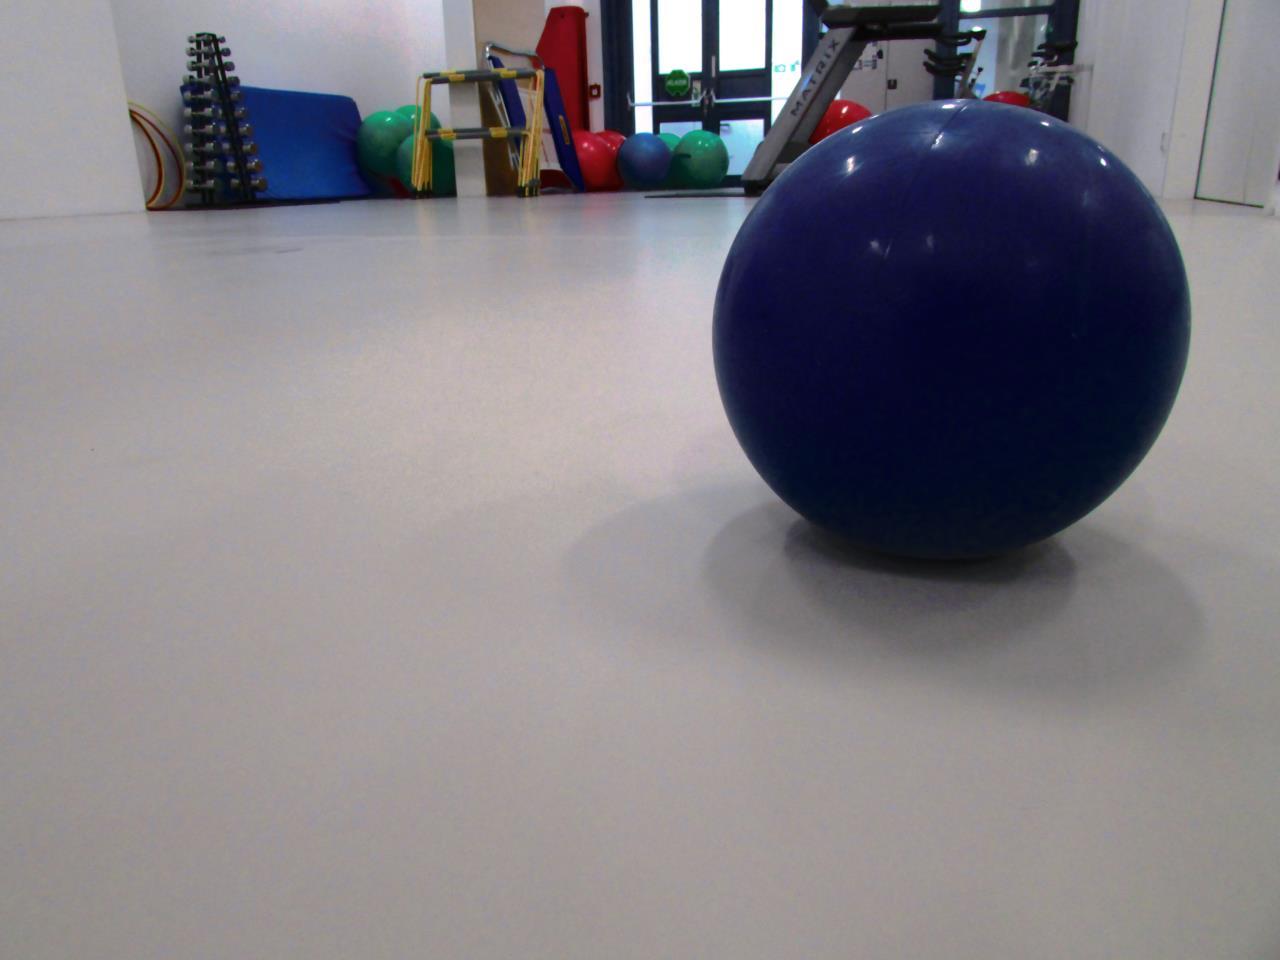 Fitnessraum Boden Bauforum Auf Energiesparhaus At